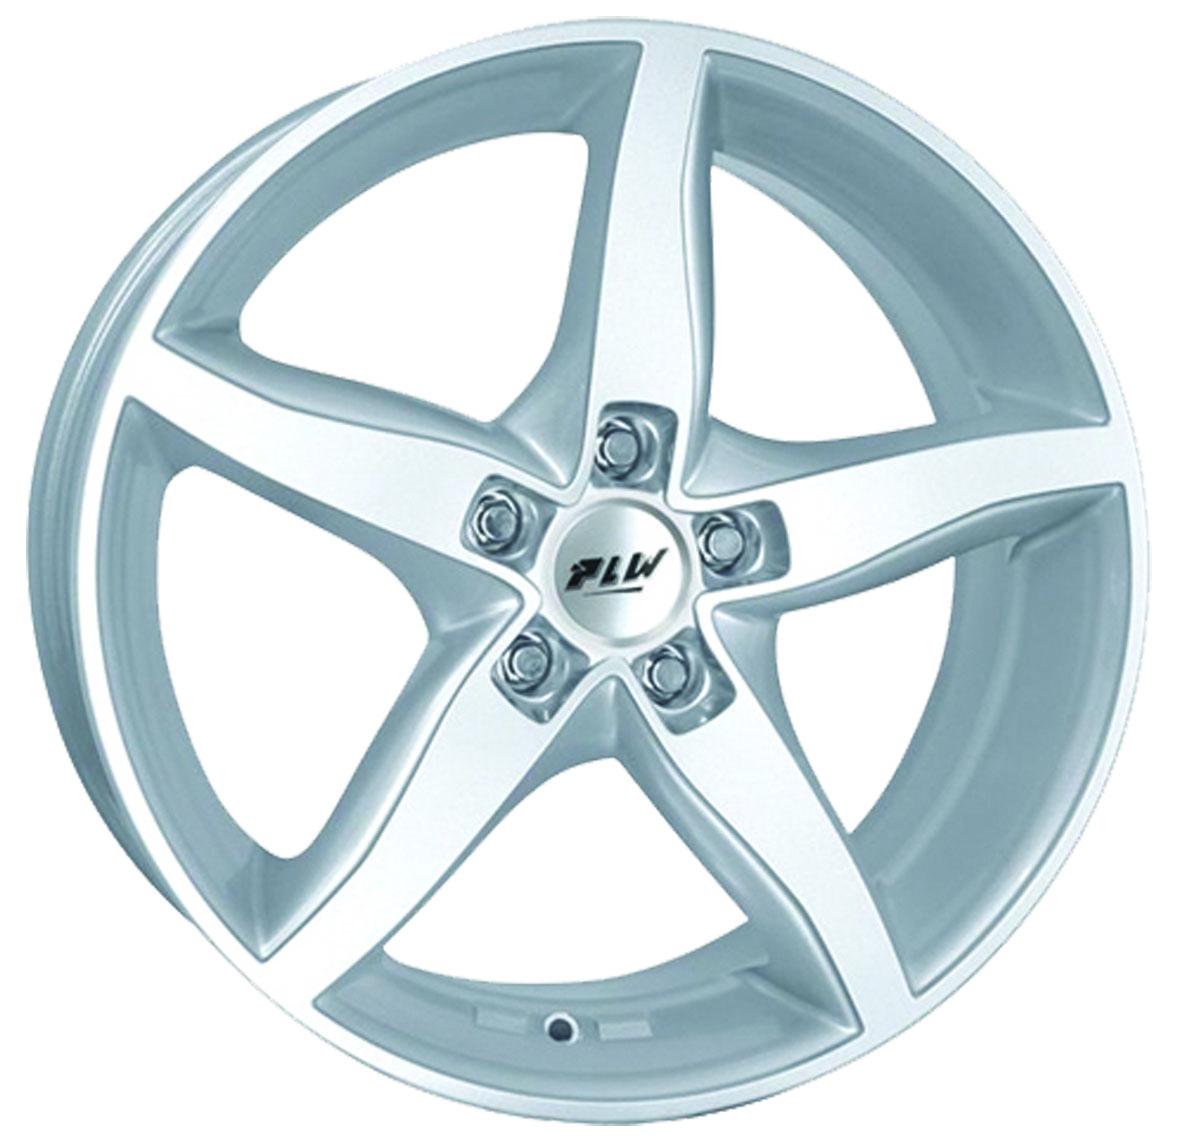 PLW B600 silver